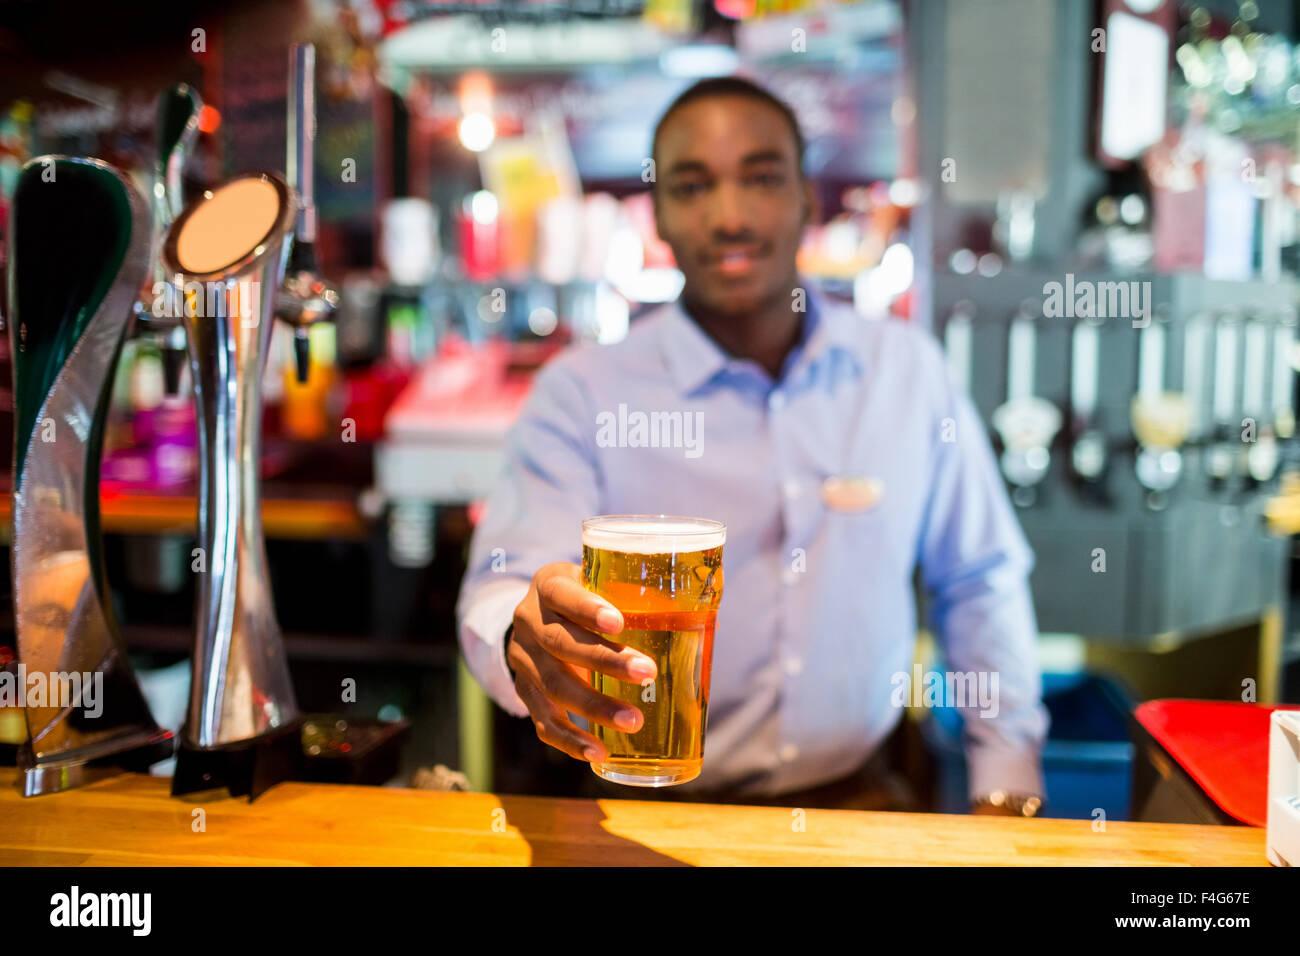 Glas Bier von Barkeeper serviert Stockbild